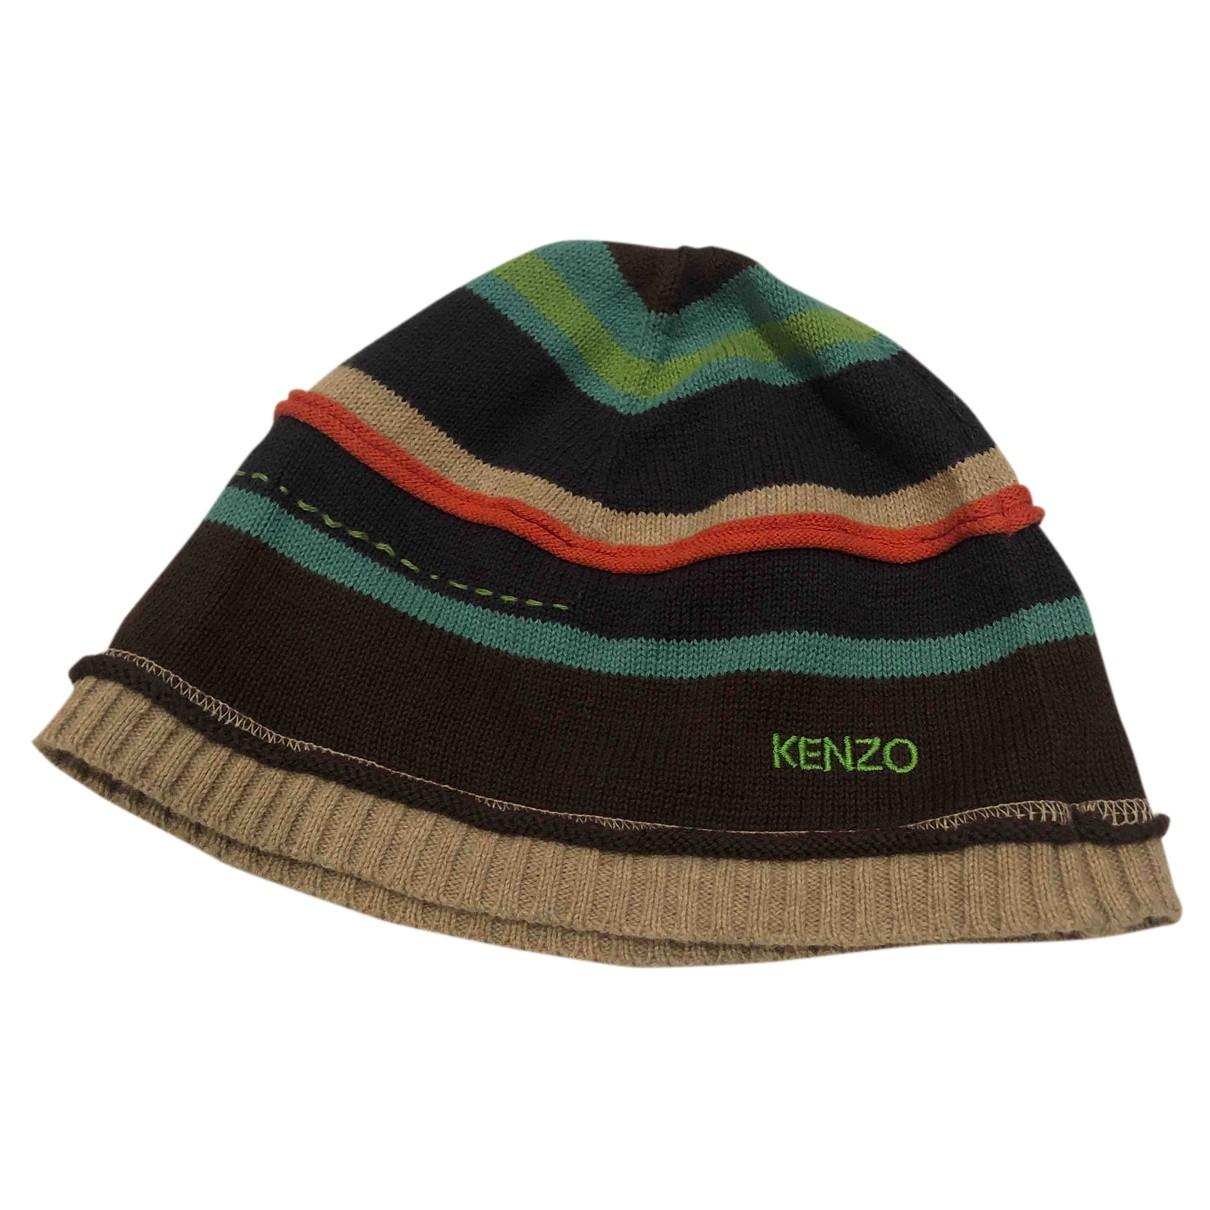 Kenzo \N Hut, Muetzen, Handschuhe in  Bunt Wolle